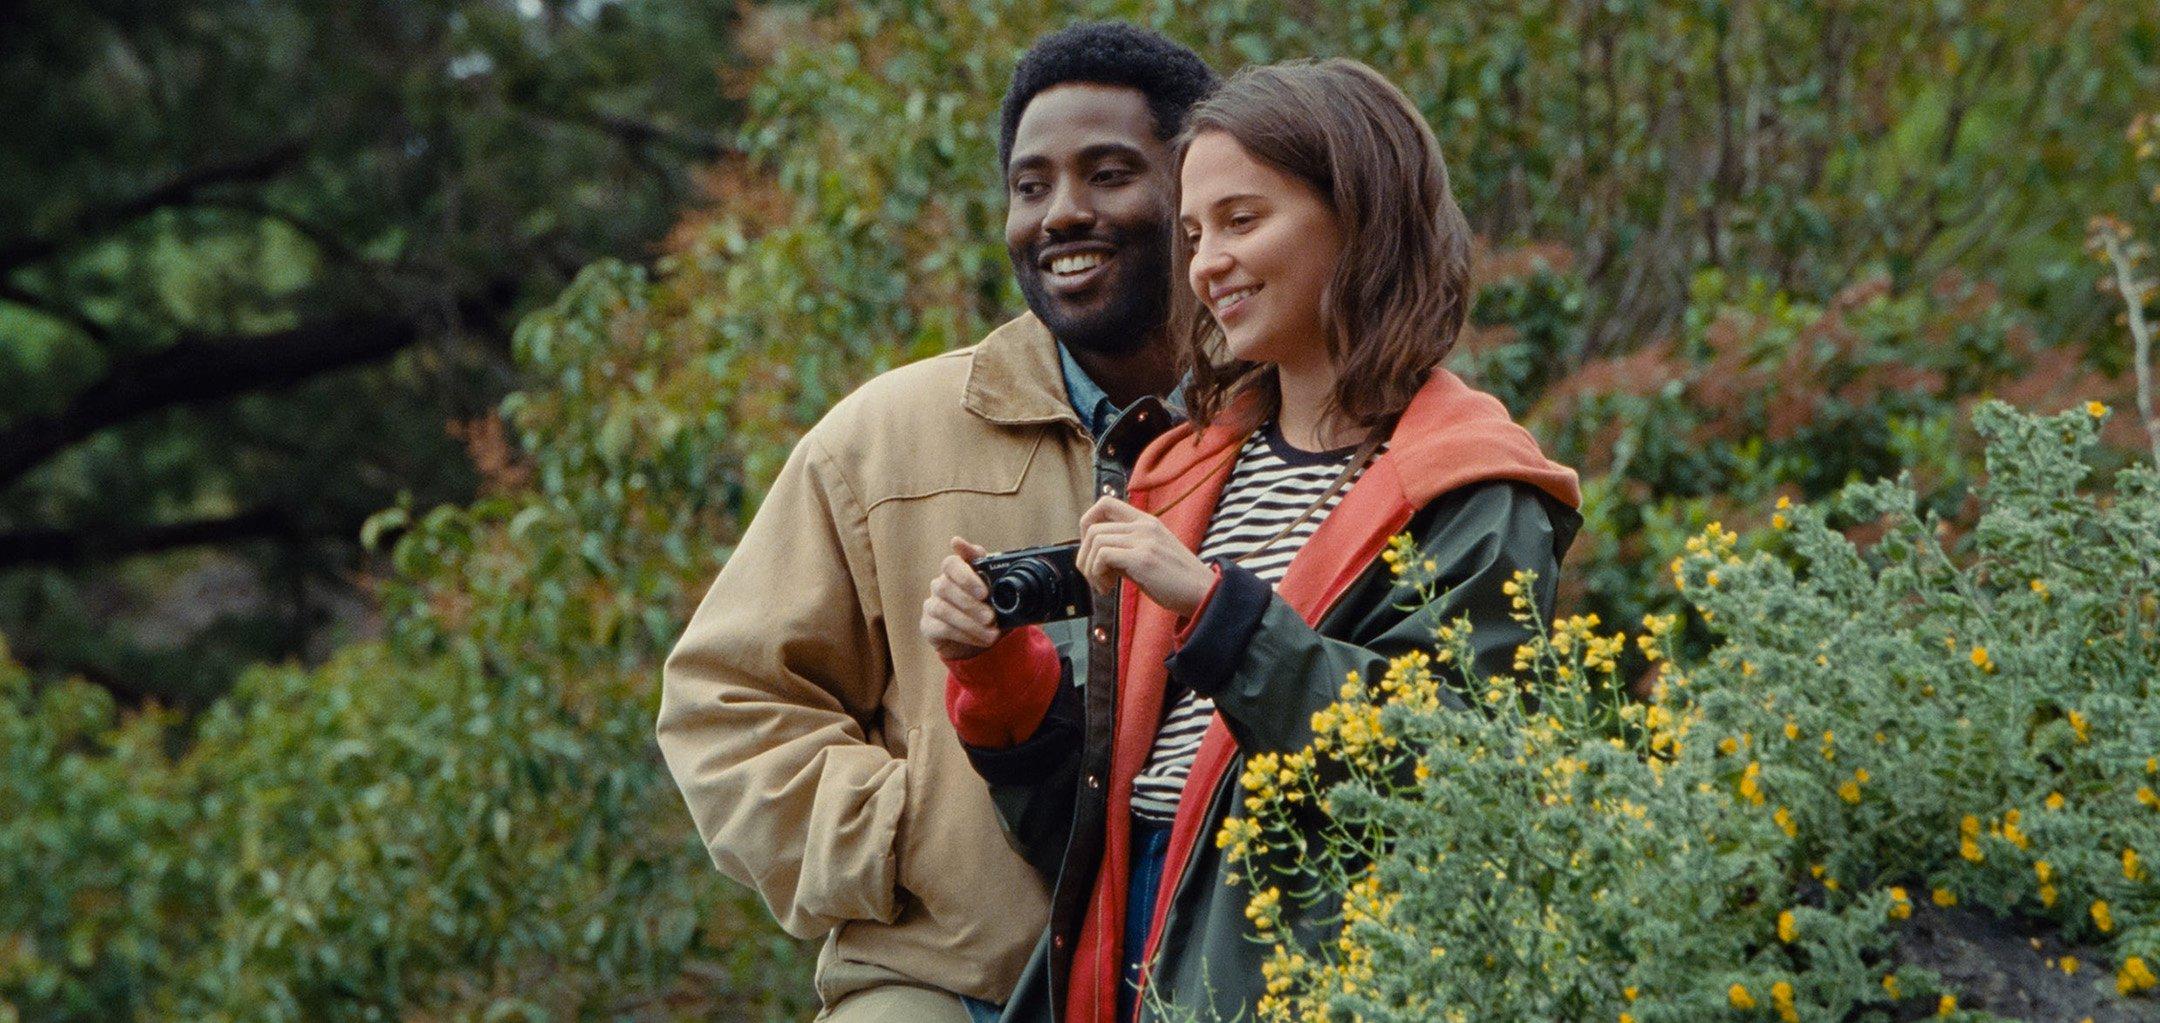 John David Washington and Alicia Vikander in 'Beckett' (2021)